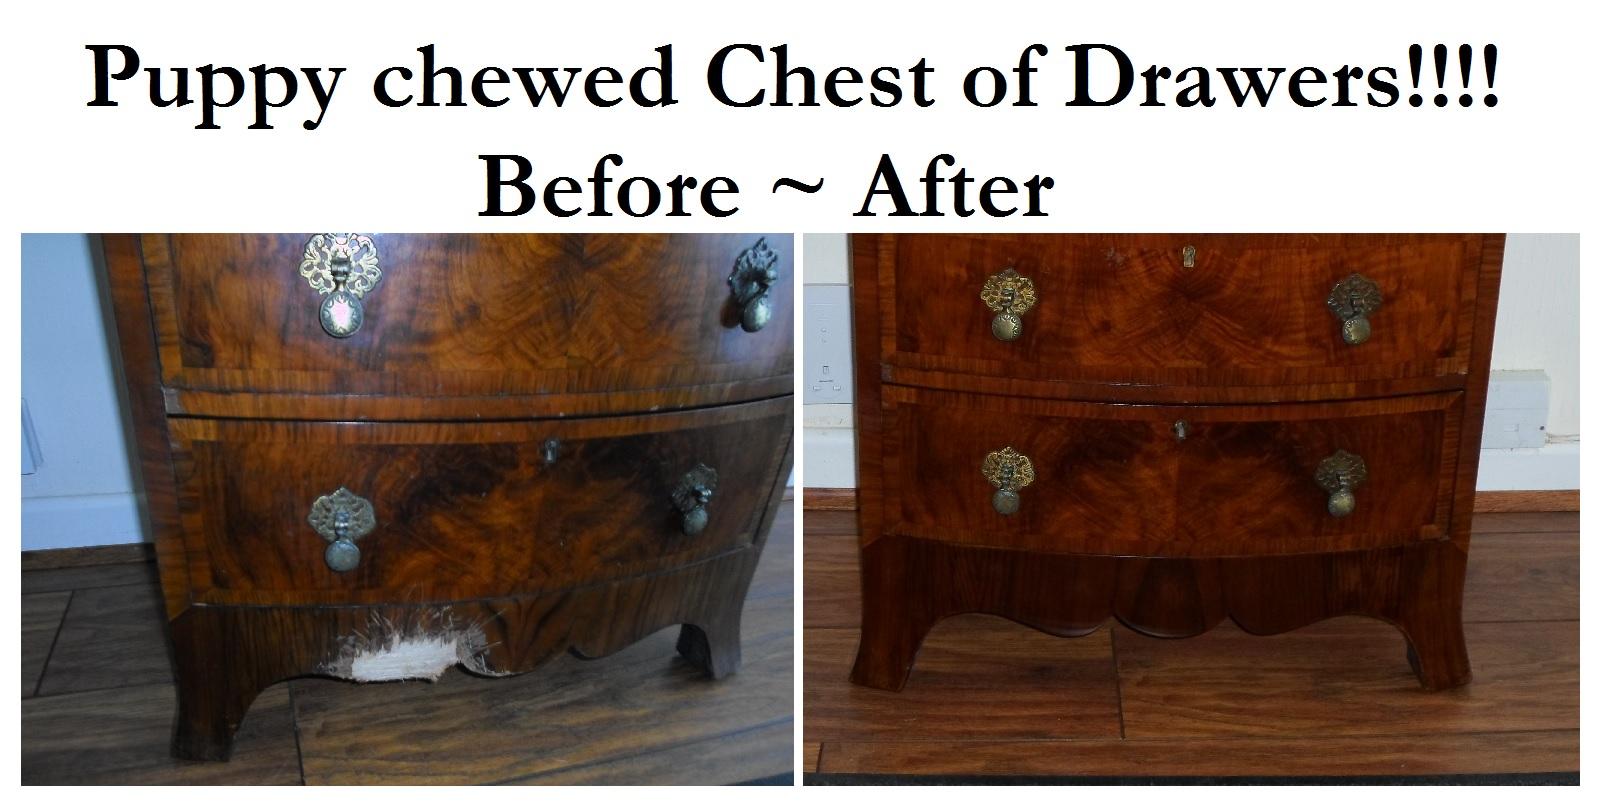 Puppy chewed chest